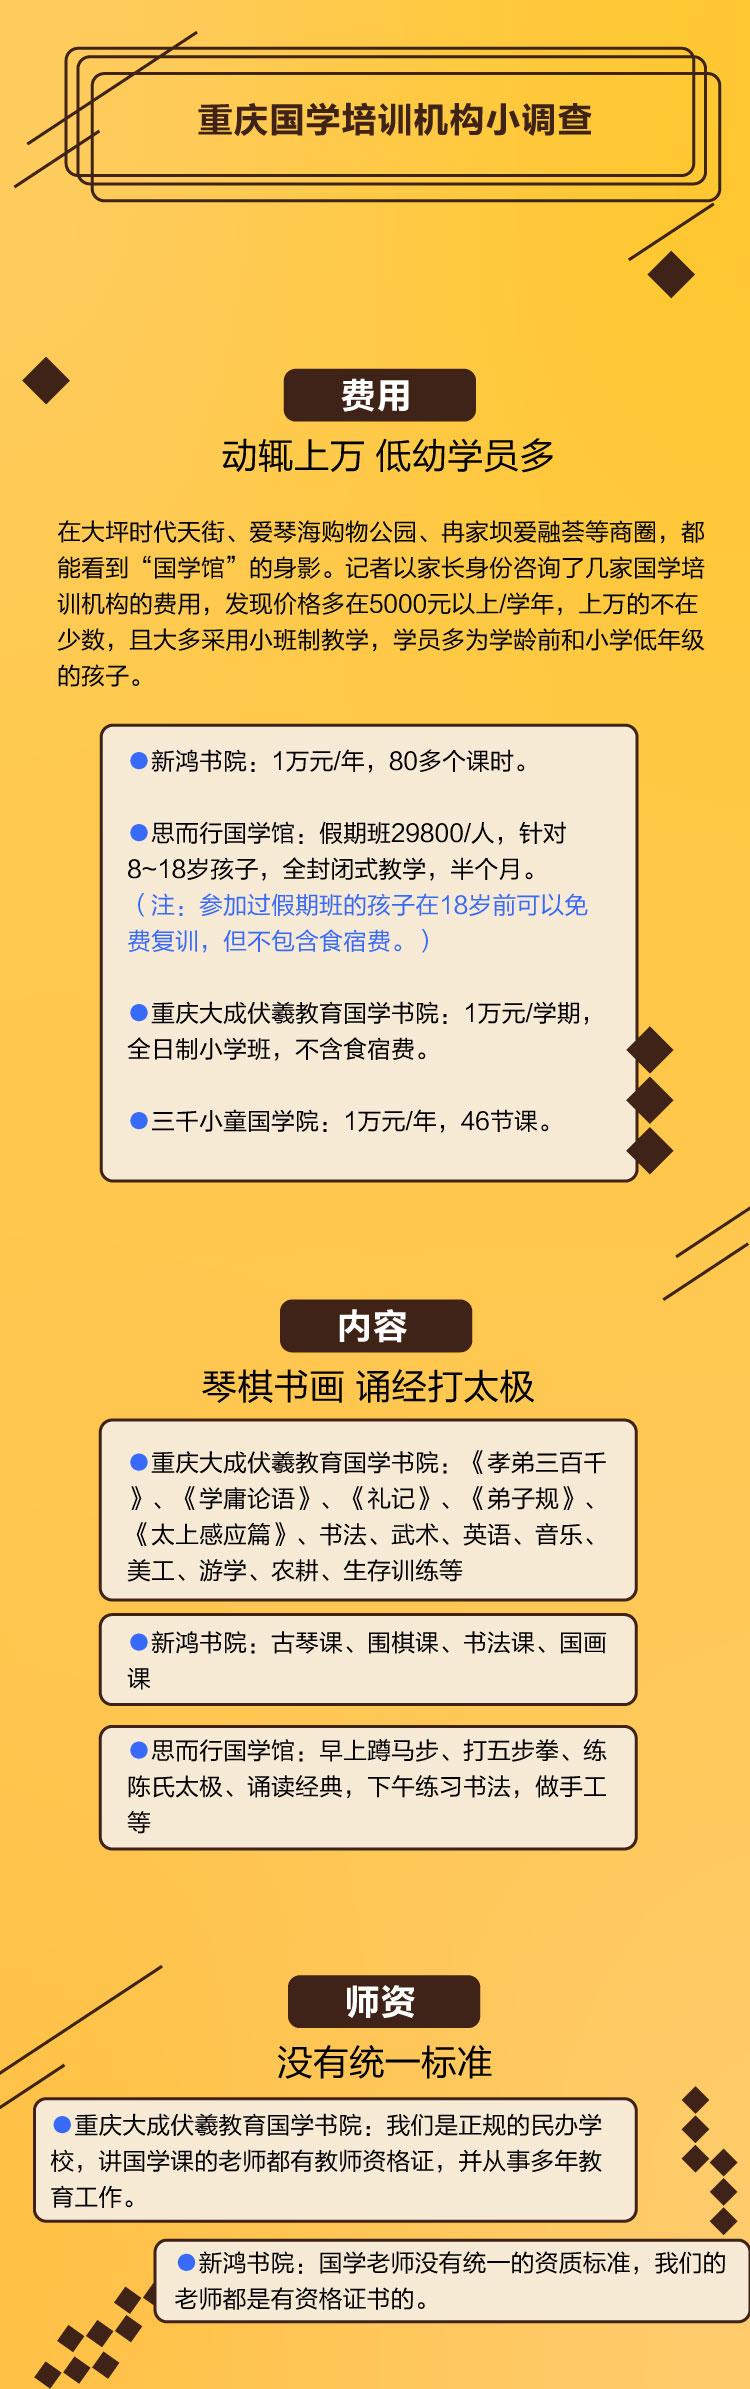 重庆国学培训机构小调查.jpg